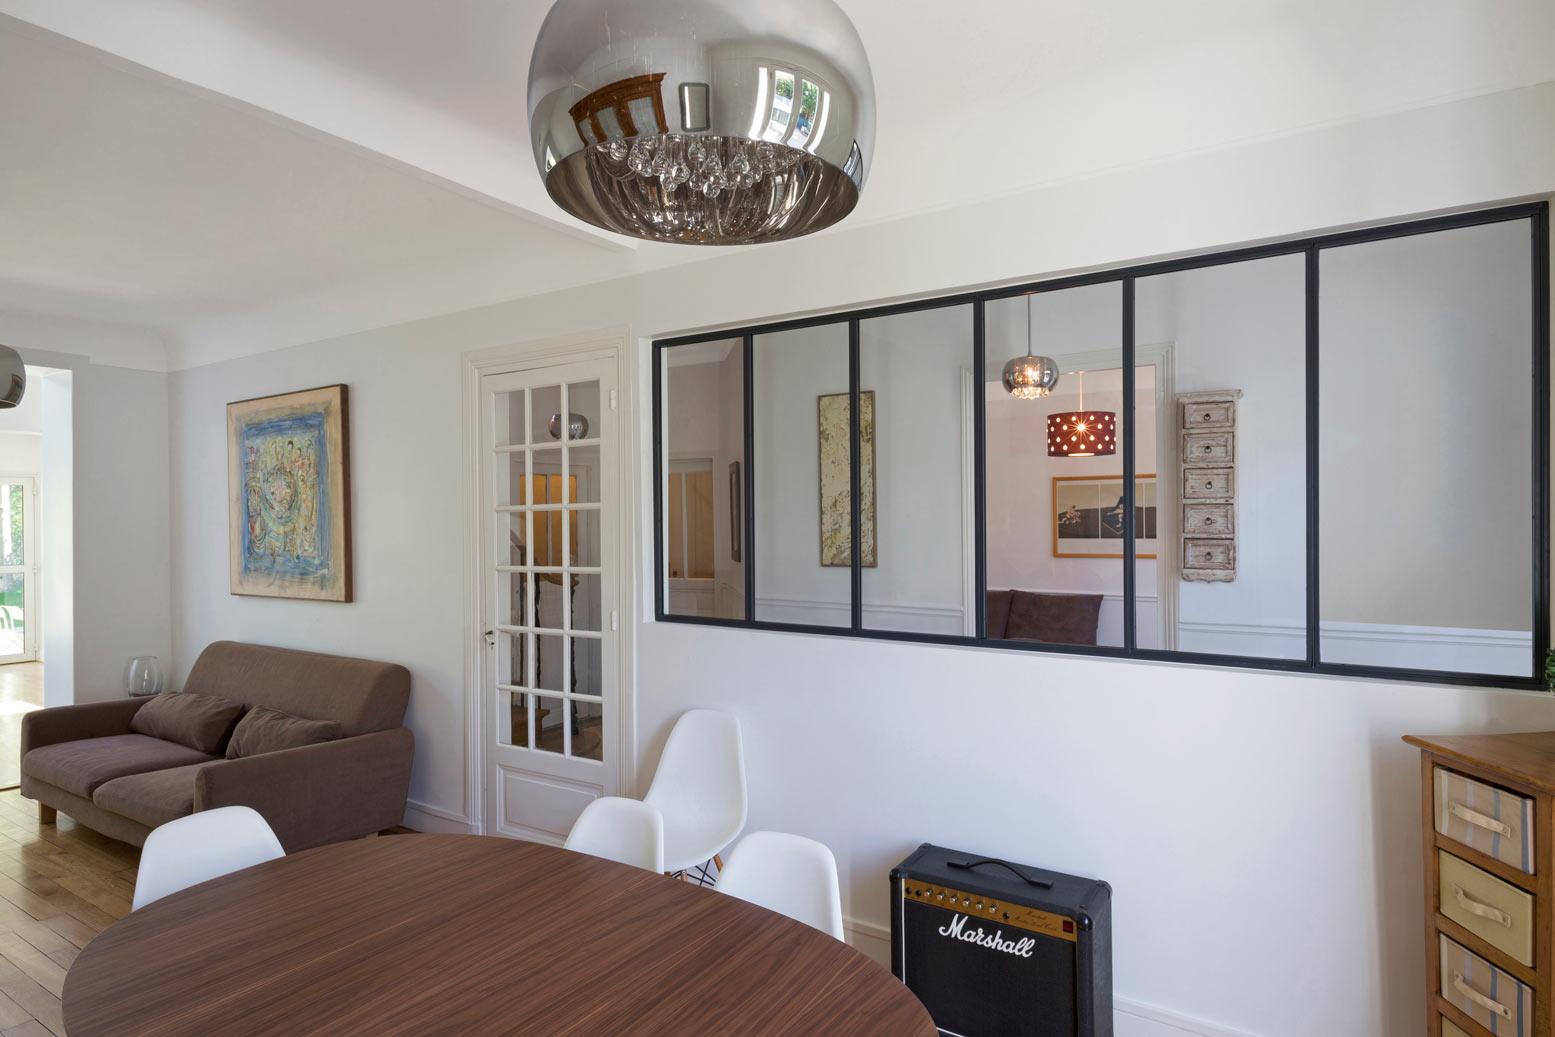 Перегородка между кухней и гостиной в квартире